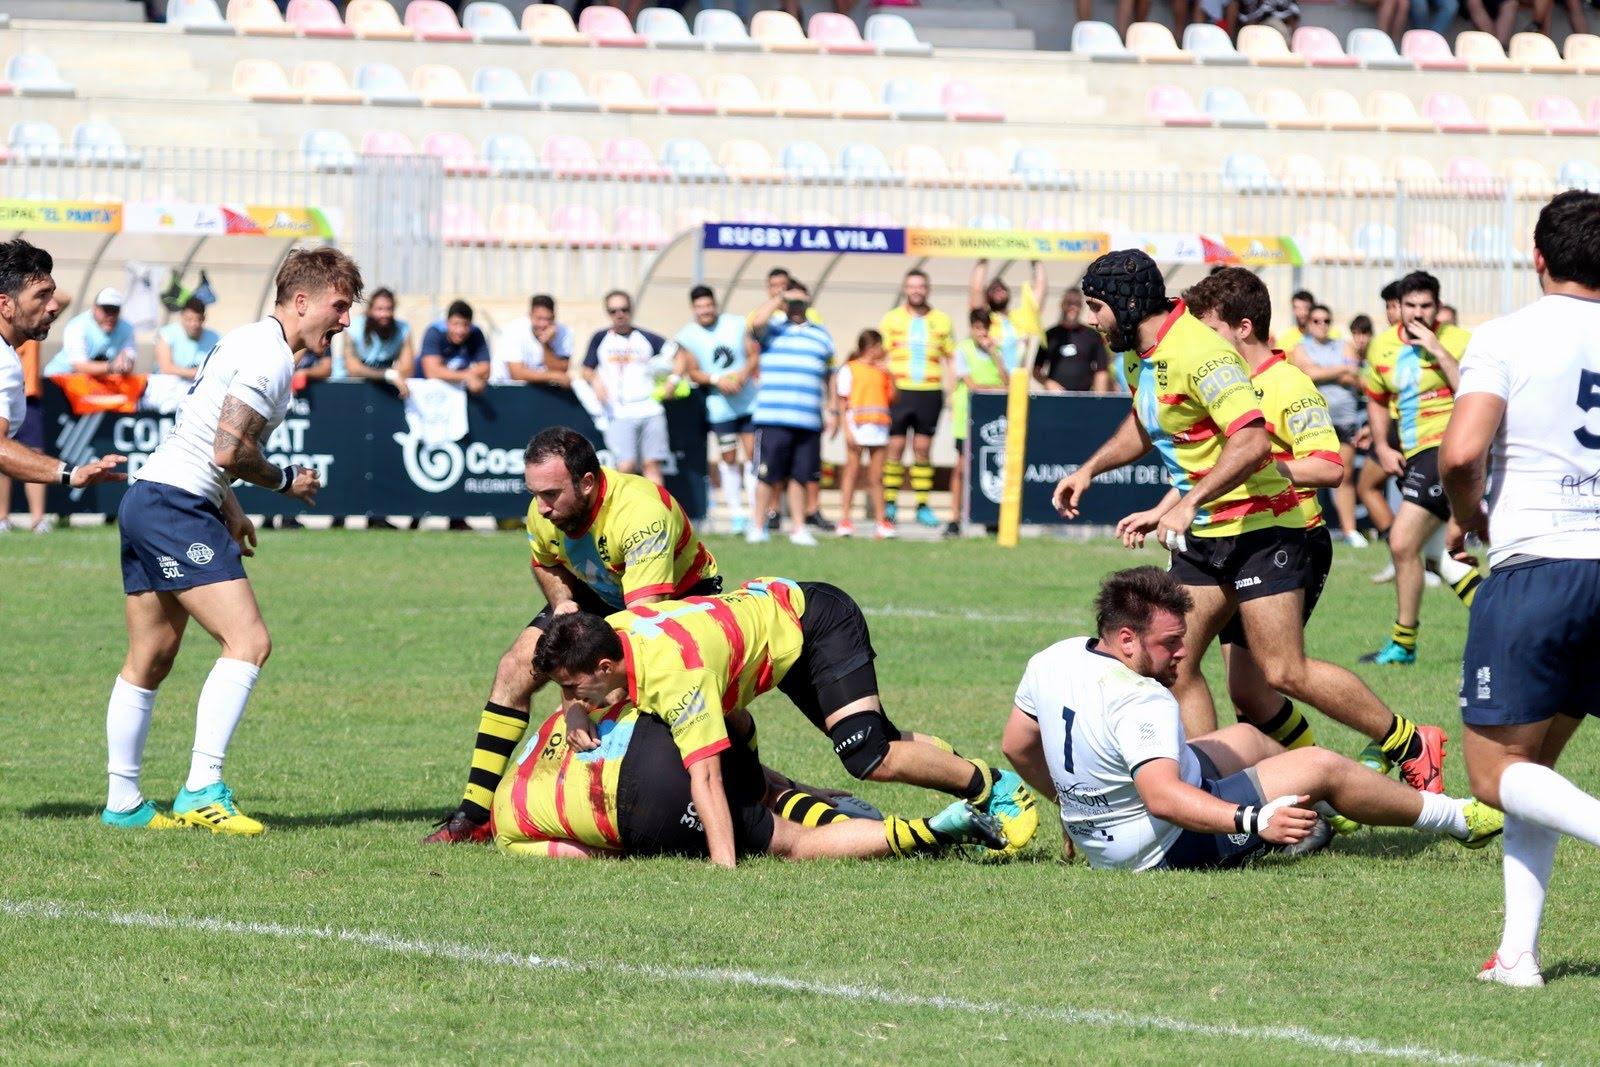 La Vila vs Tatami Rugby